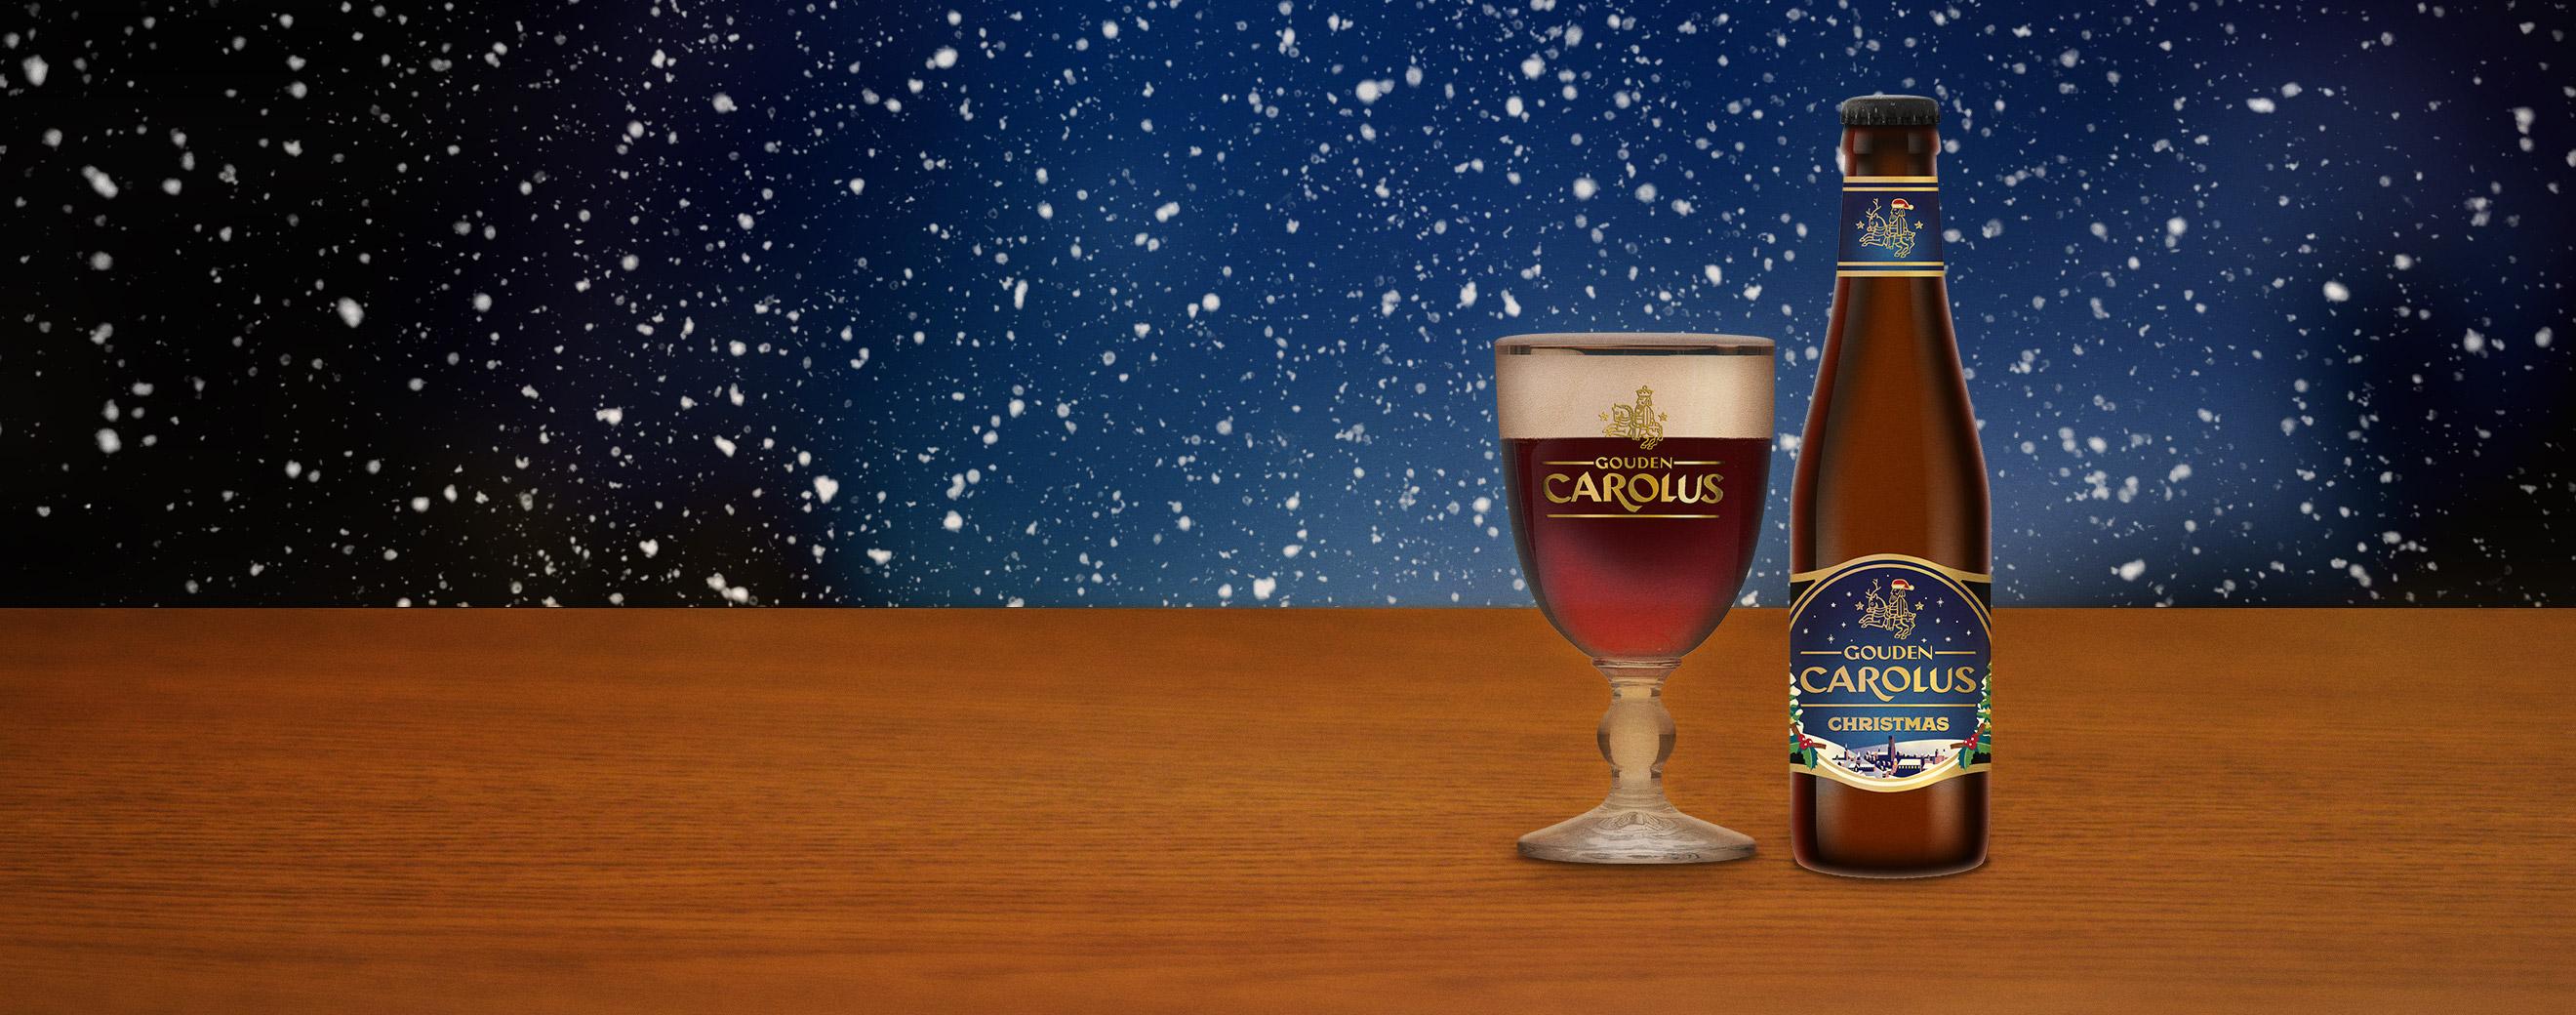 Gouden Carolus Christmas met glas